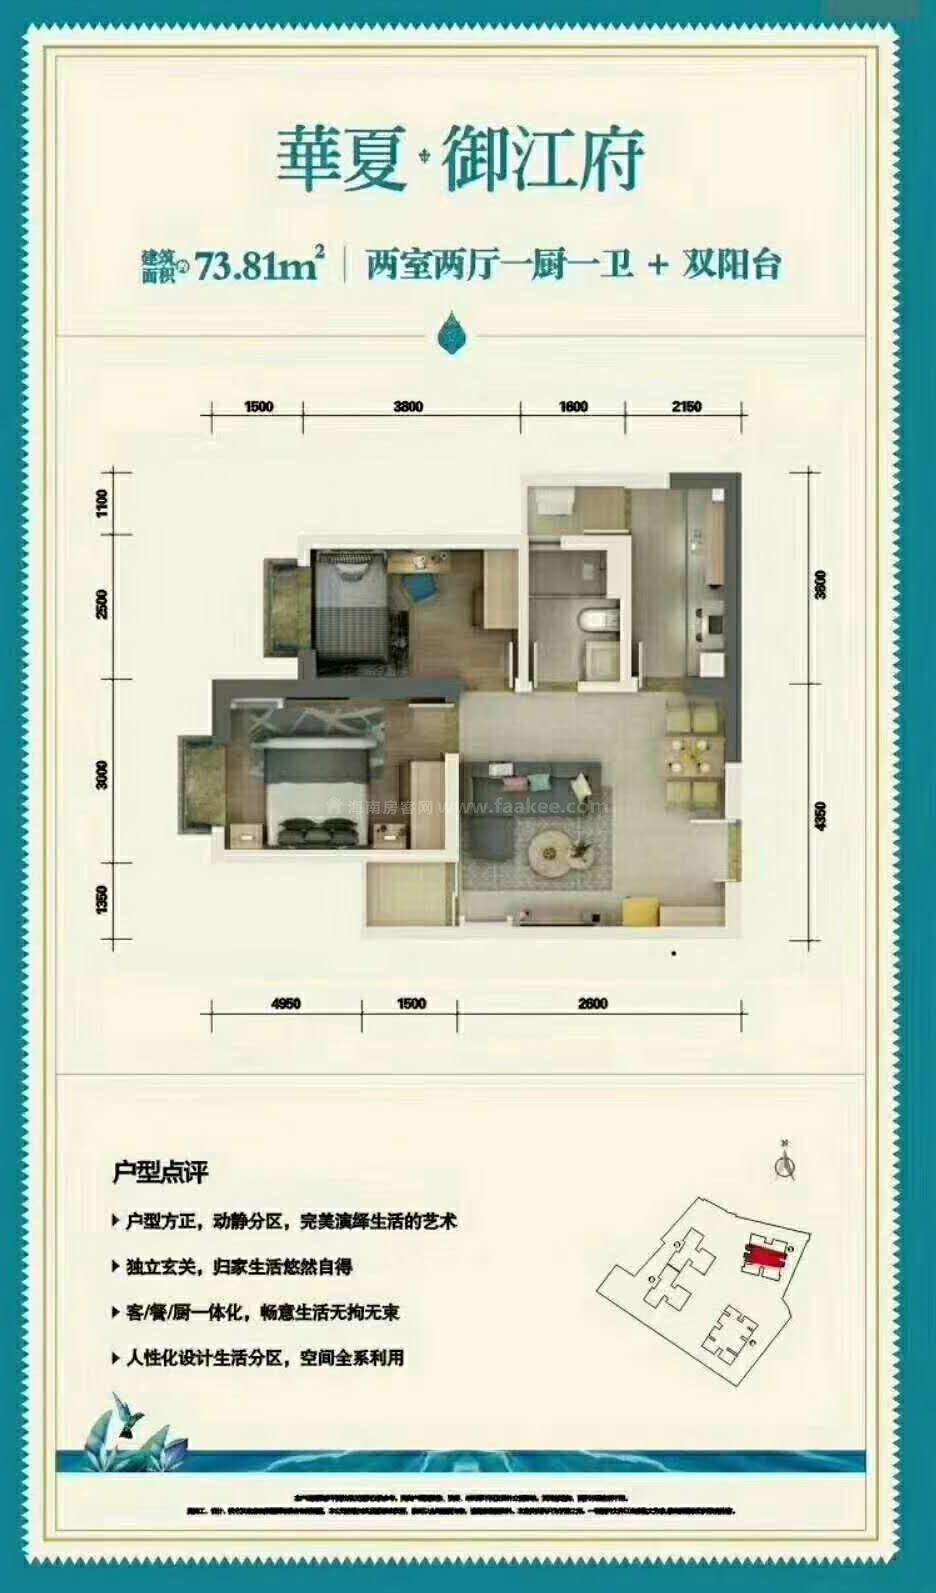 2室2厅1厨1卫2阳台 建筑面积:73.81㎡